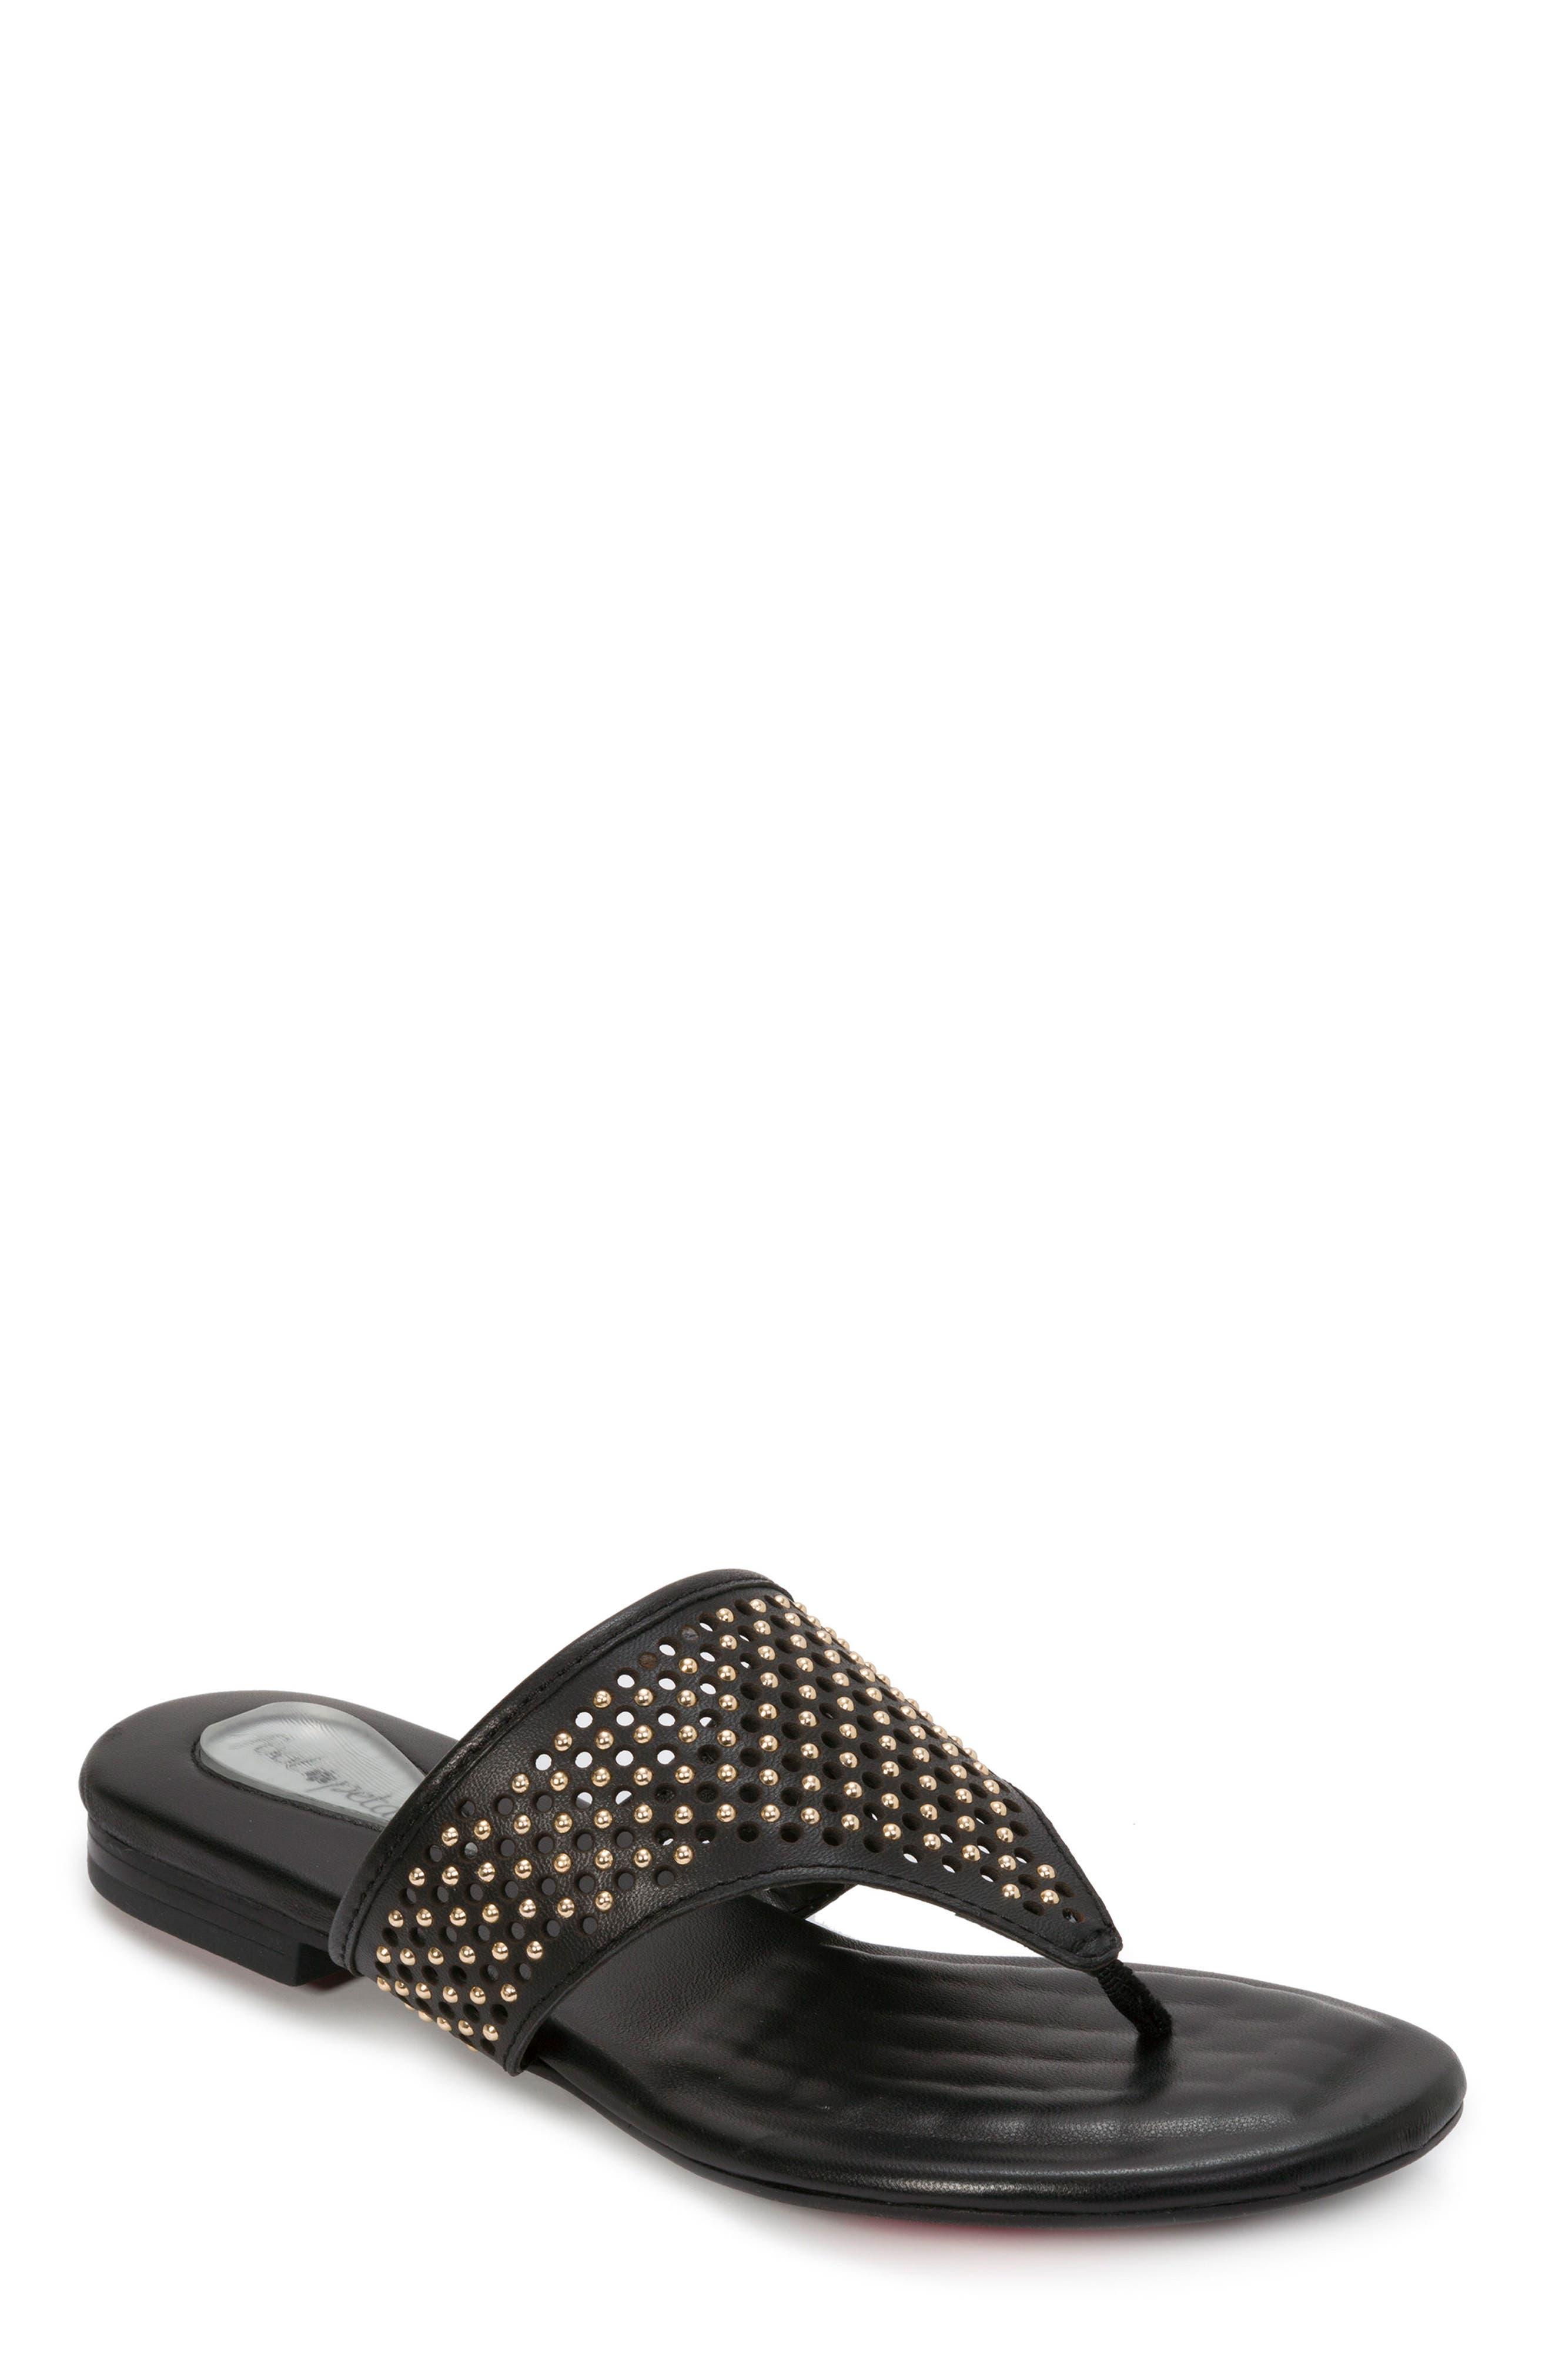 Foot Petals Evie Sandal, Black